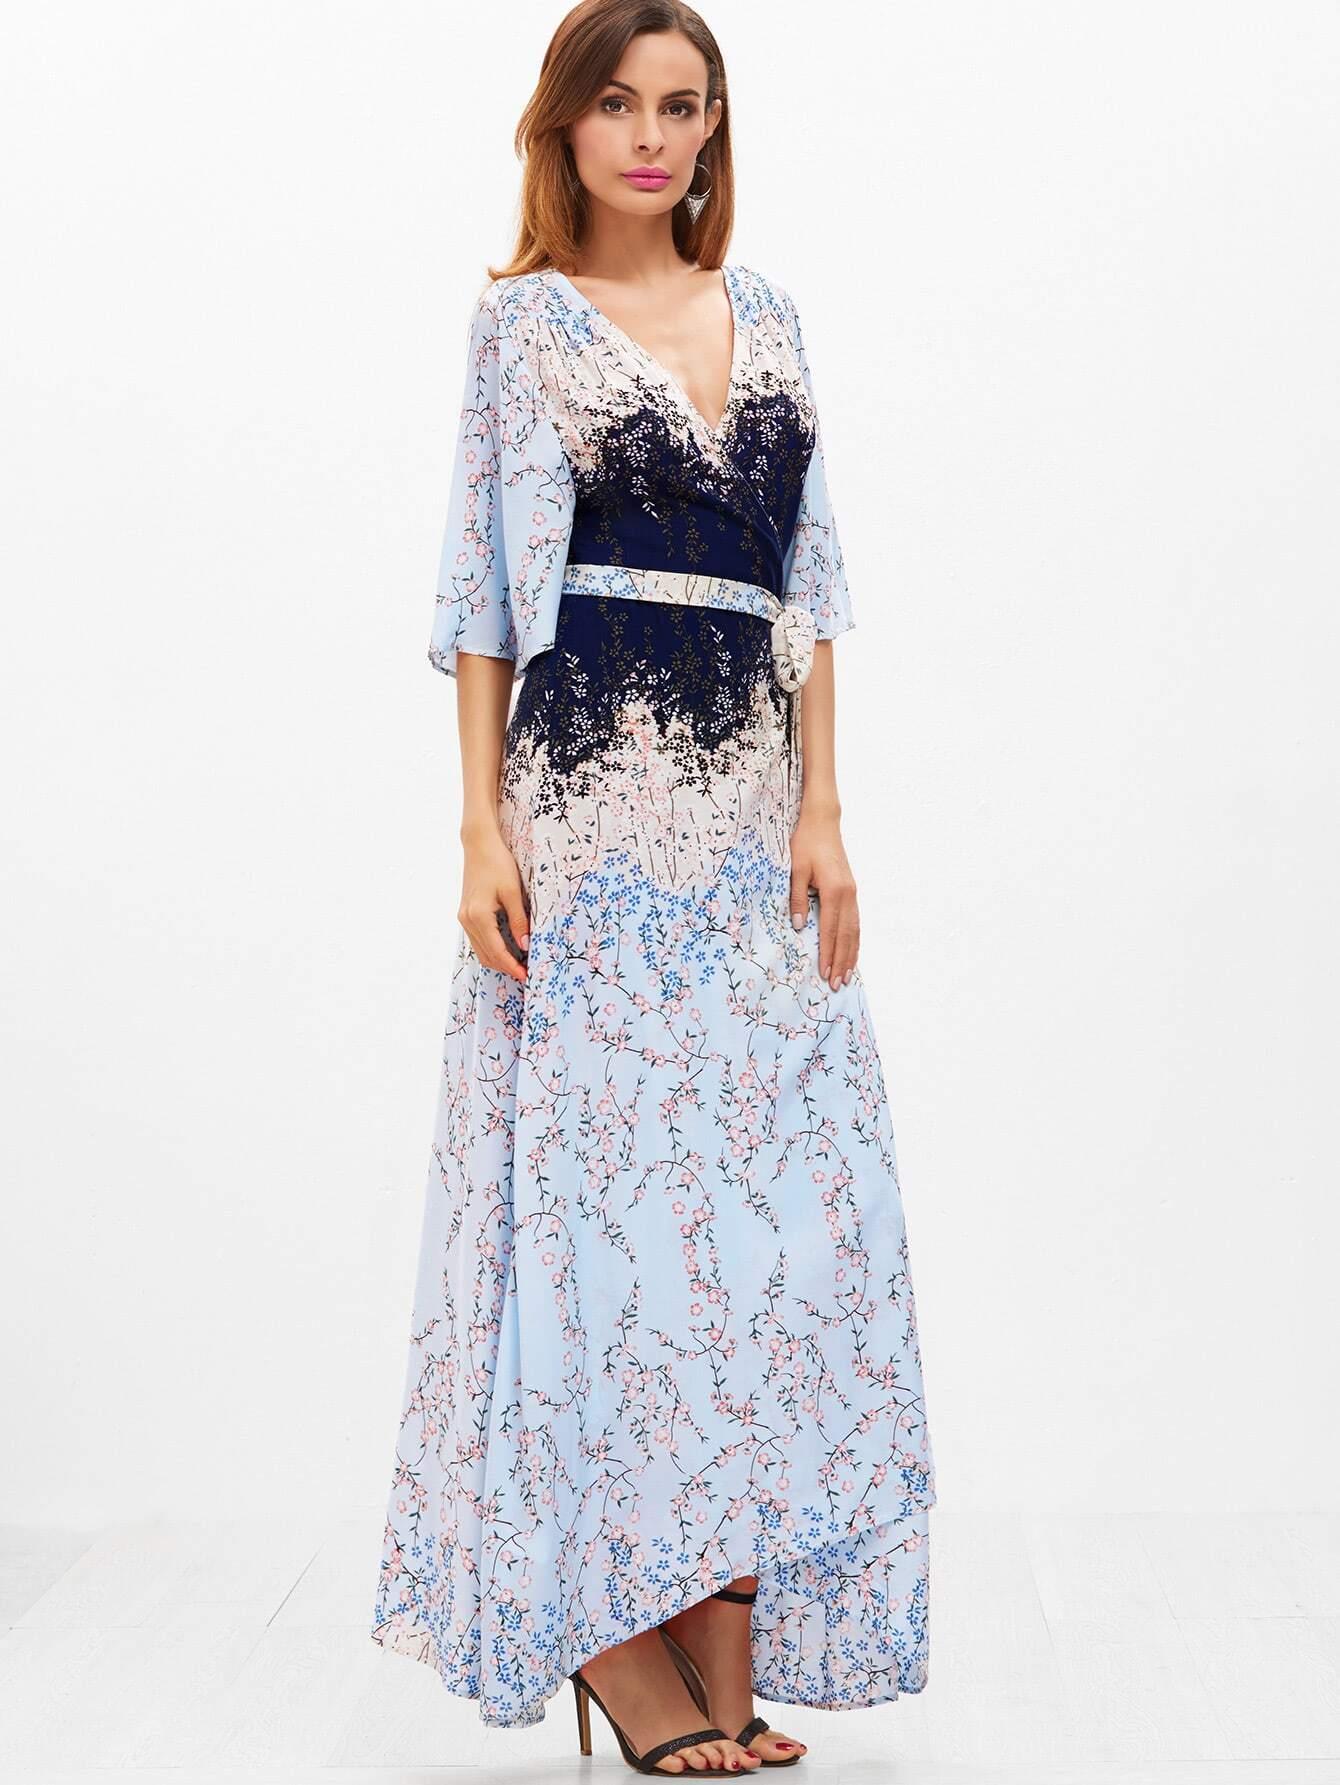 dress170306450_2